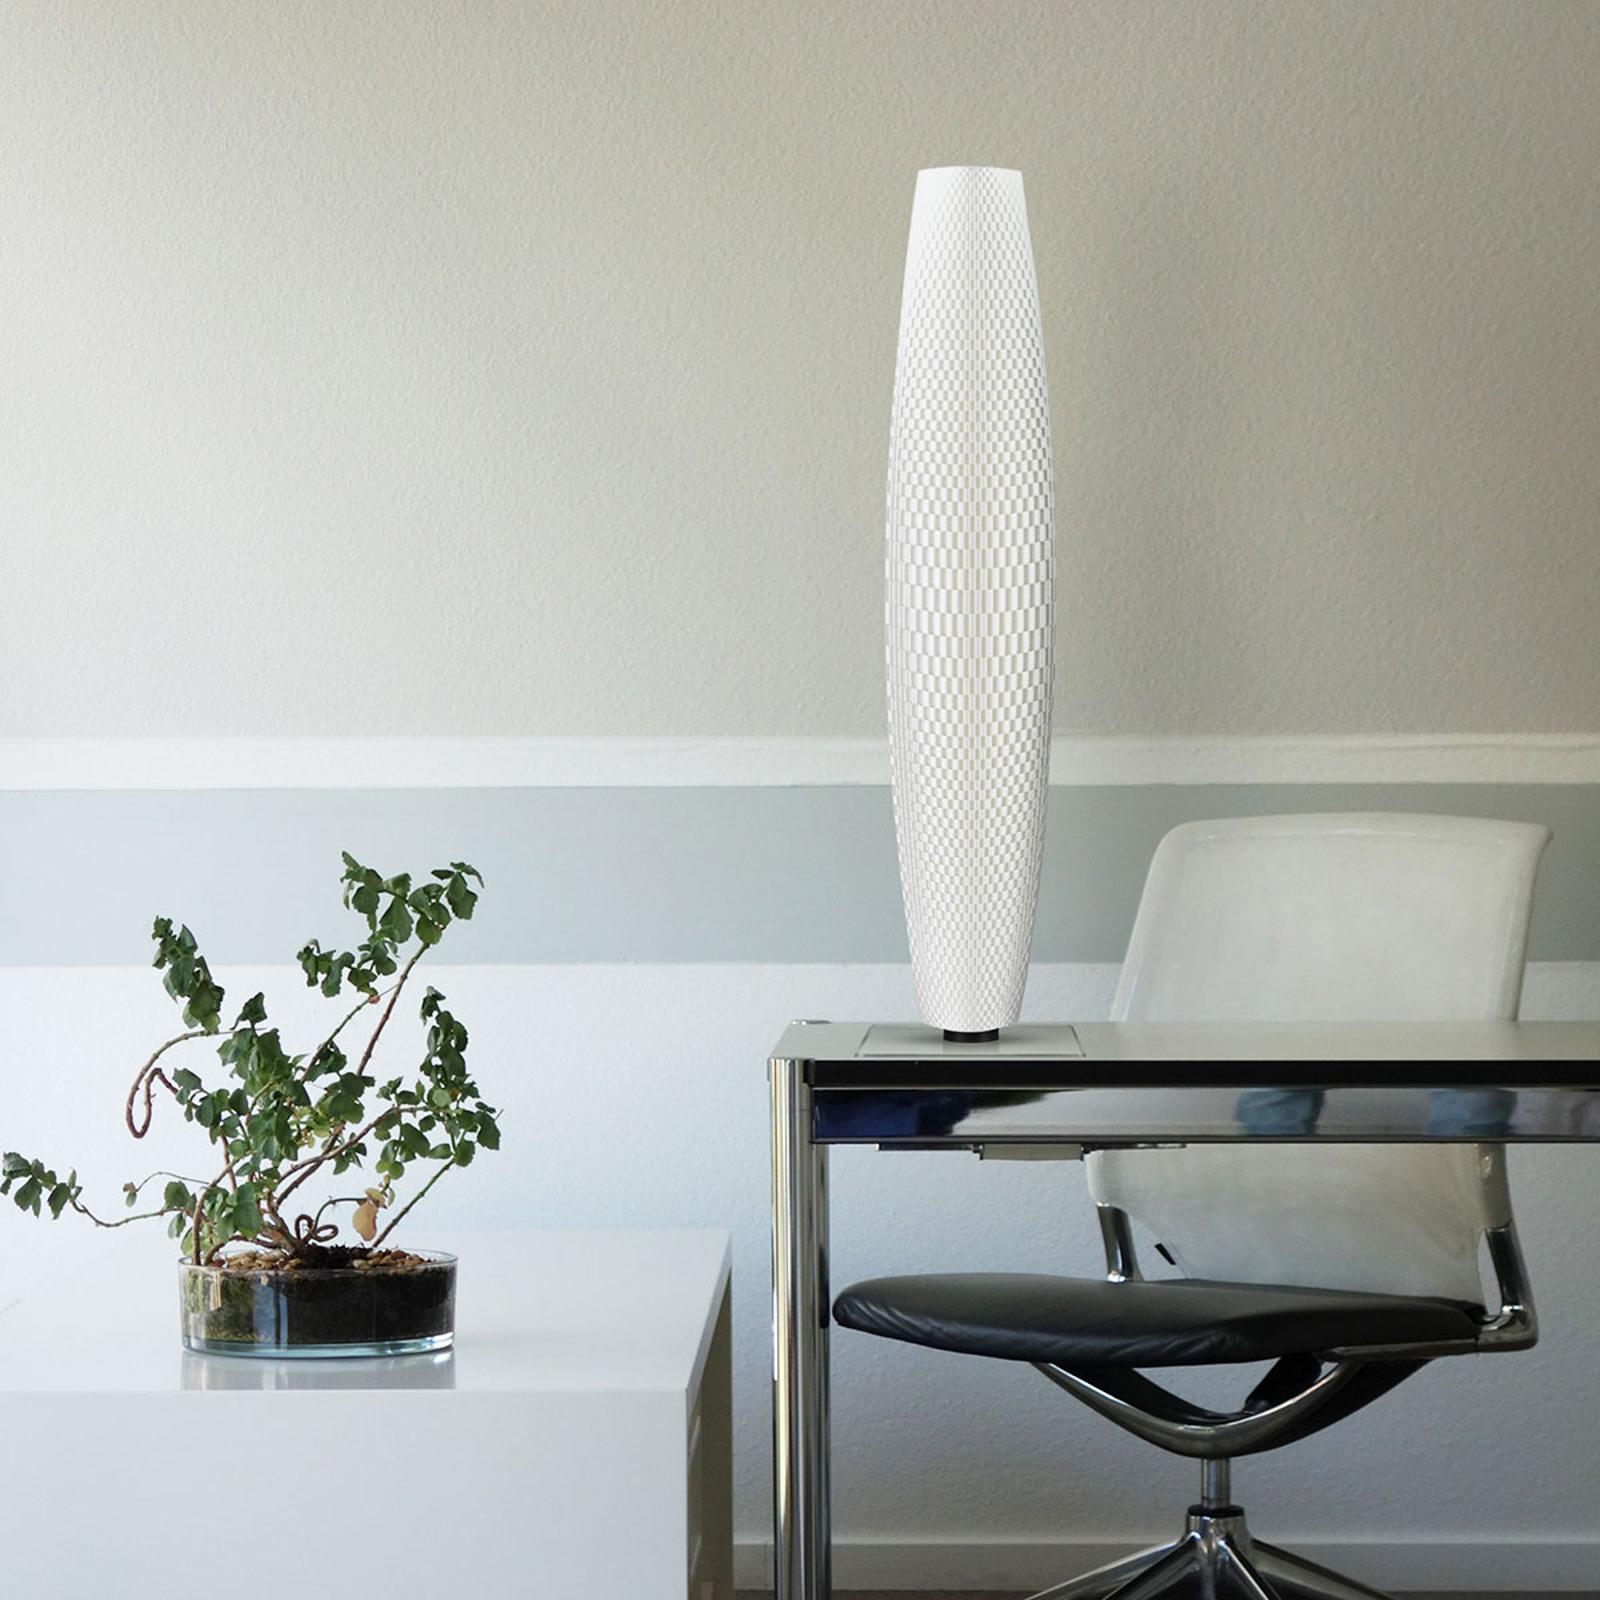 Lampadaire LED Tressage Pur 75 blanc, 75cm